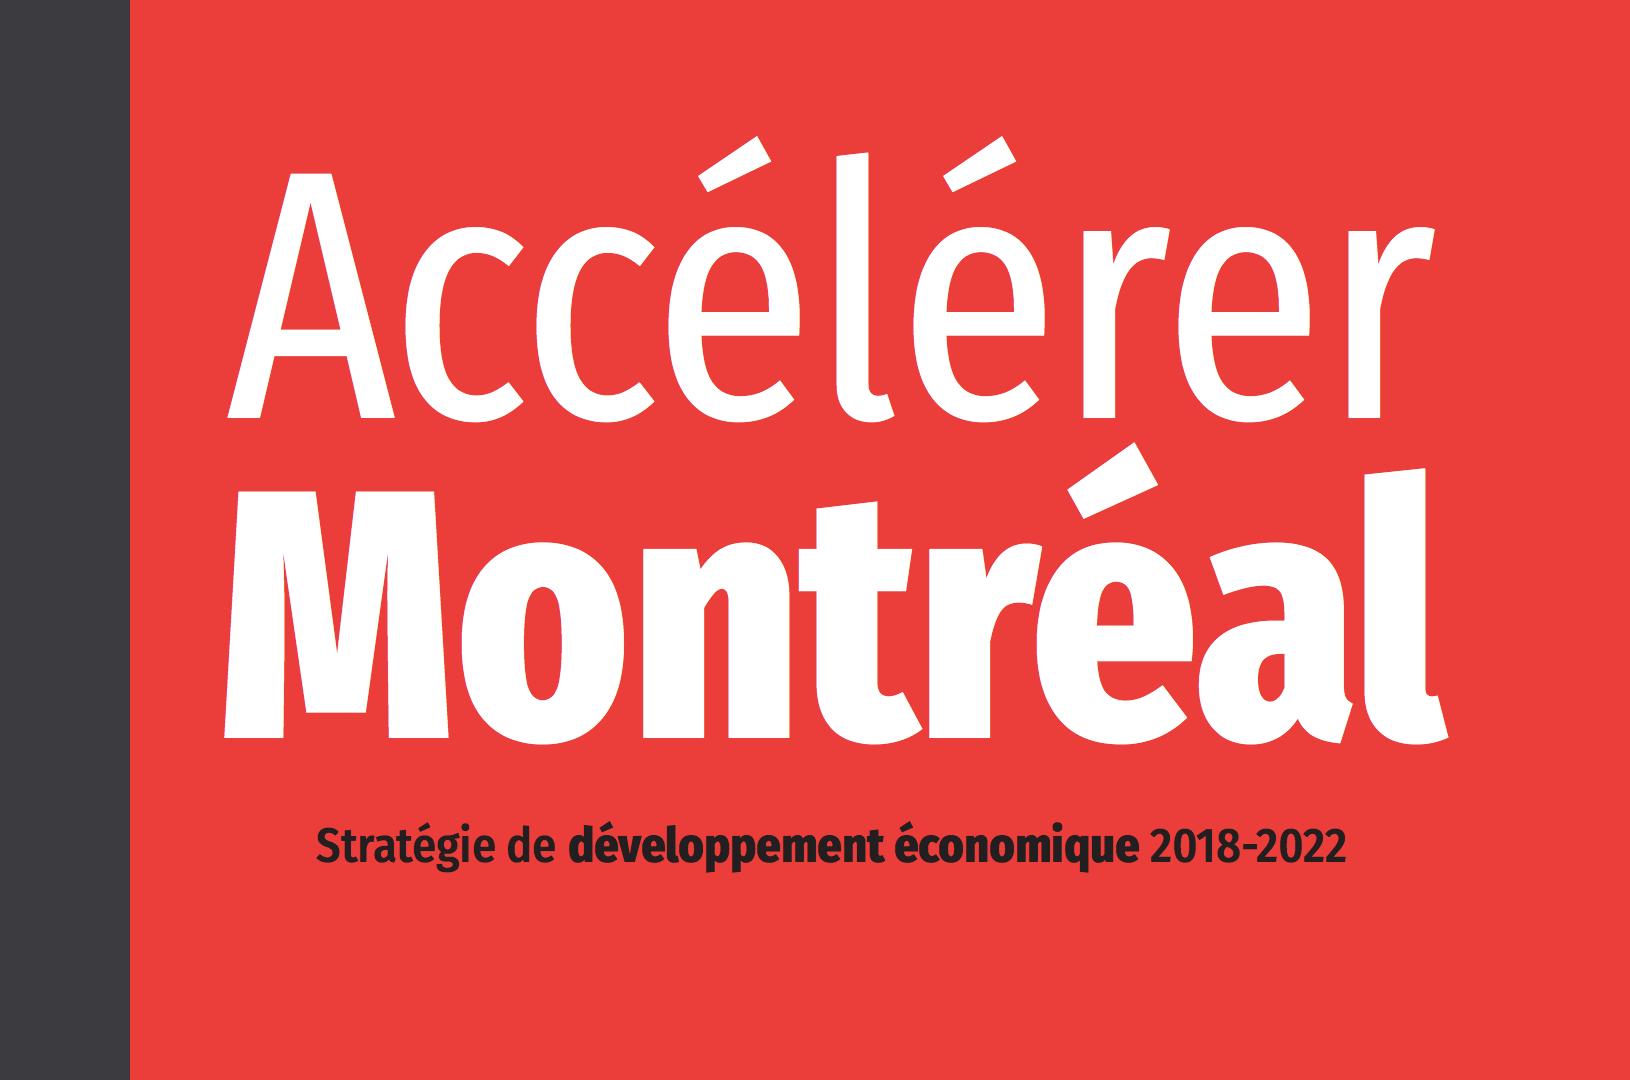 Accélérer Montréal - Stratégie de développement économique